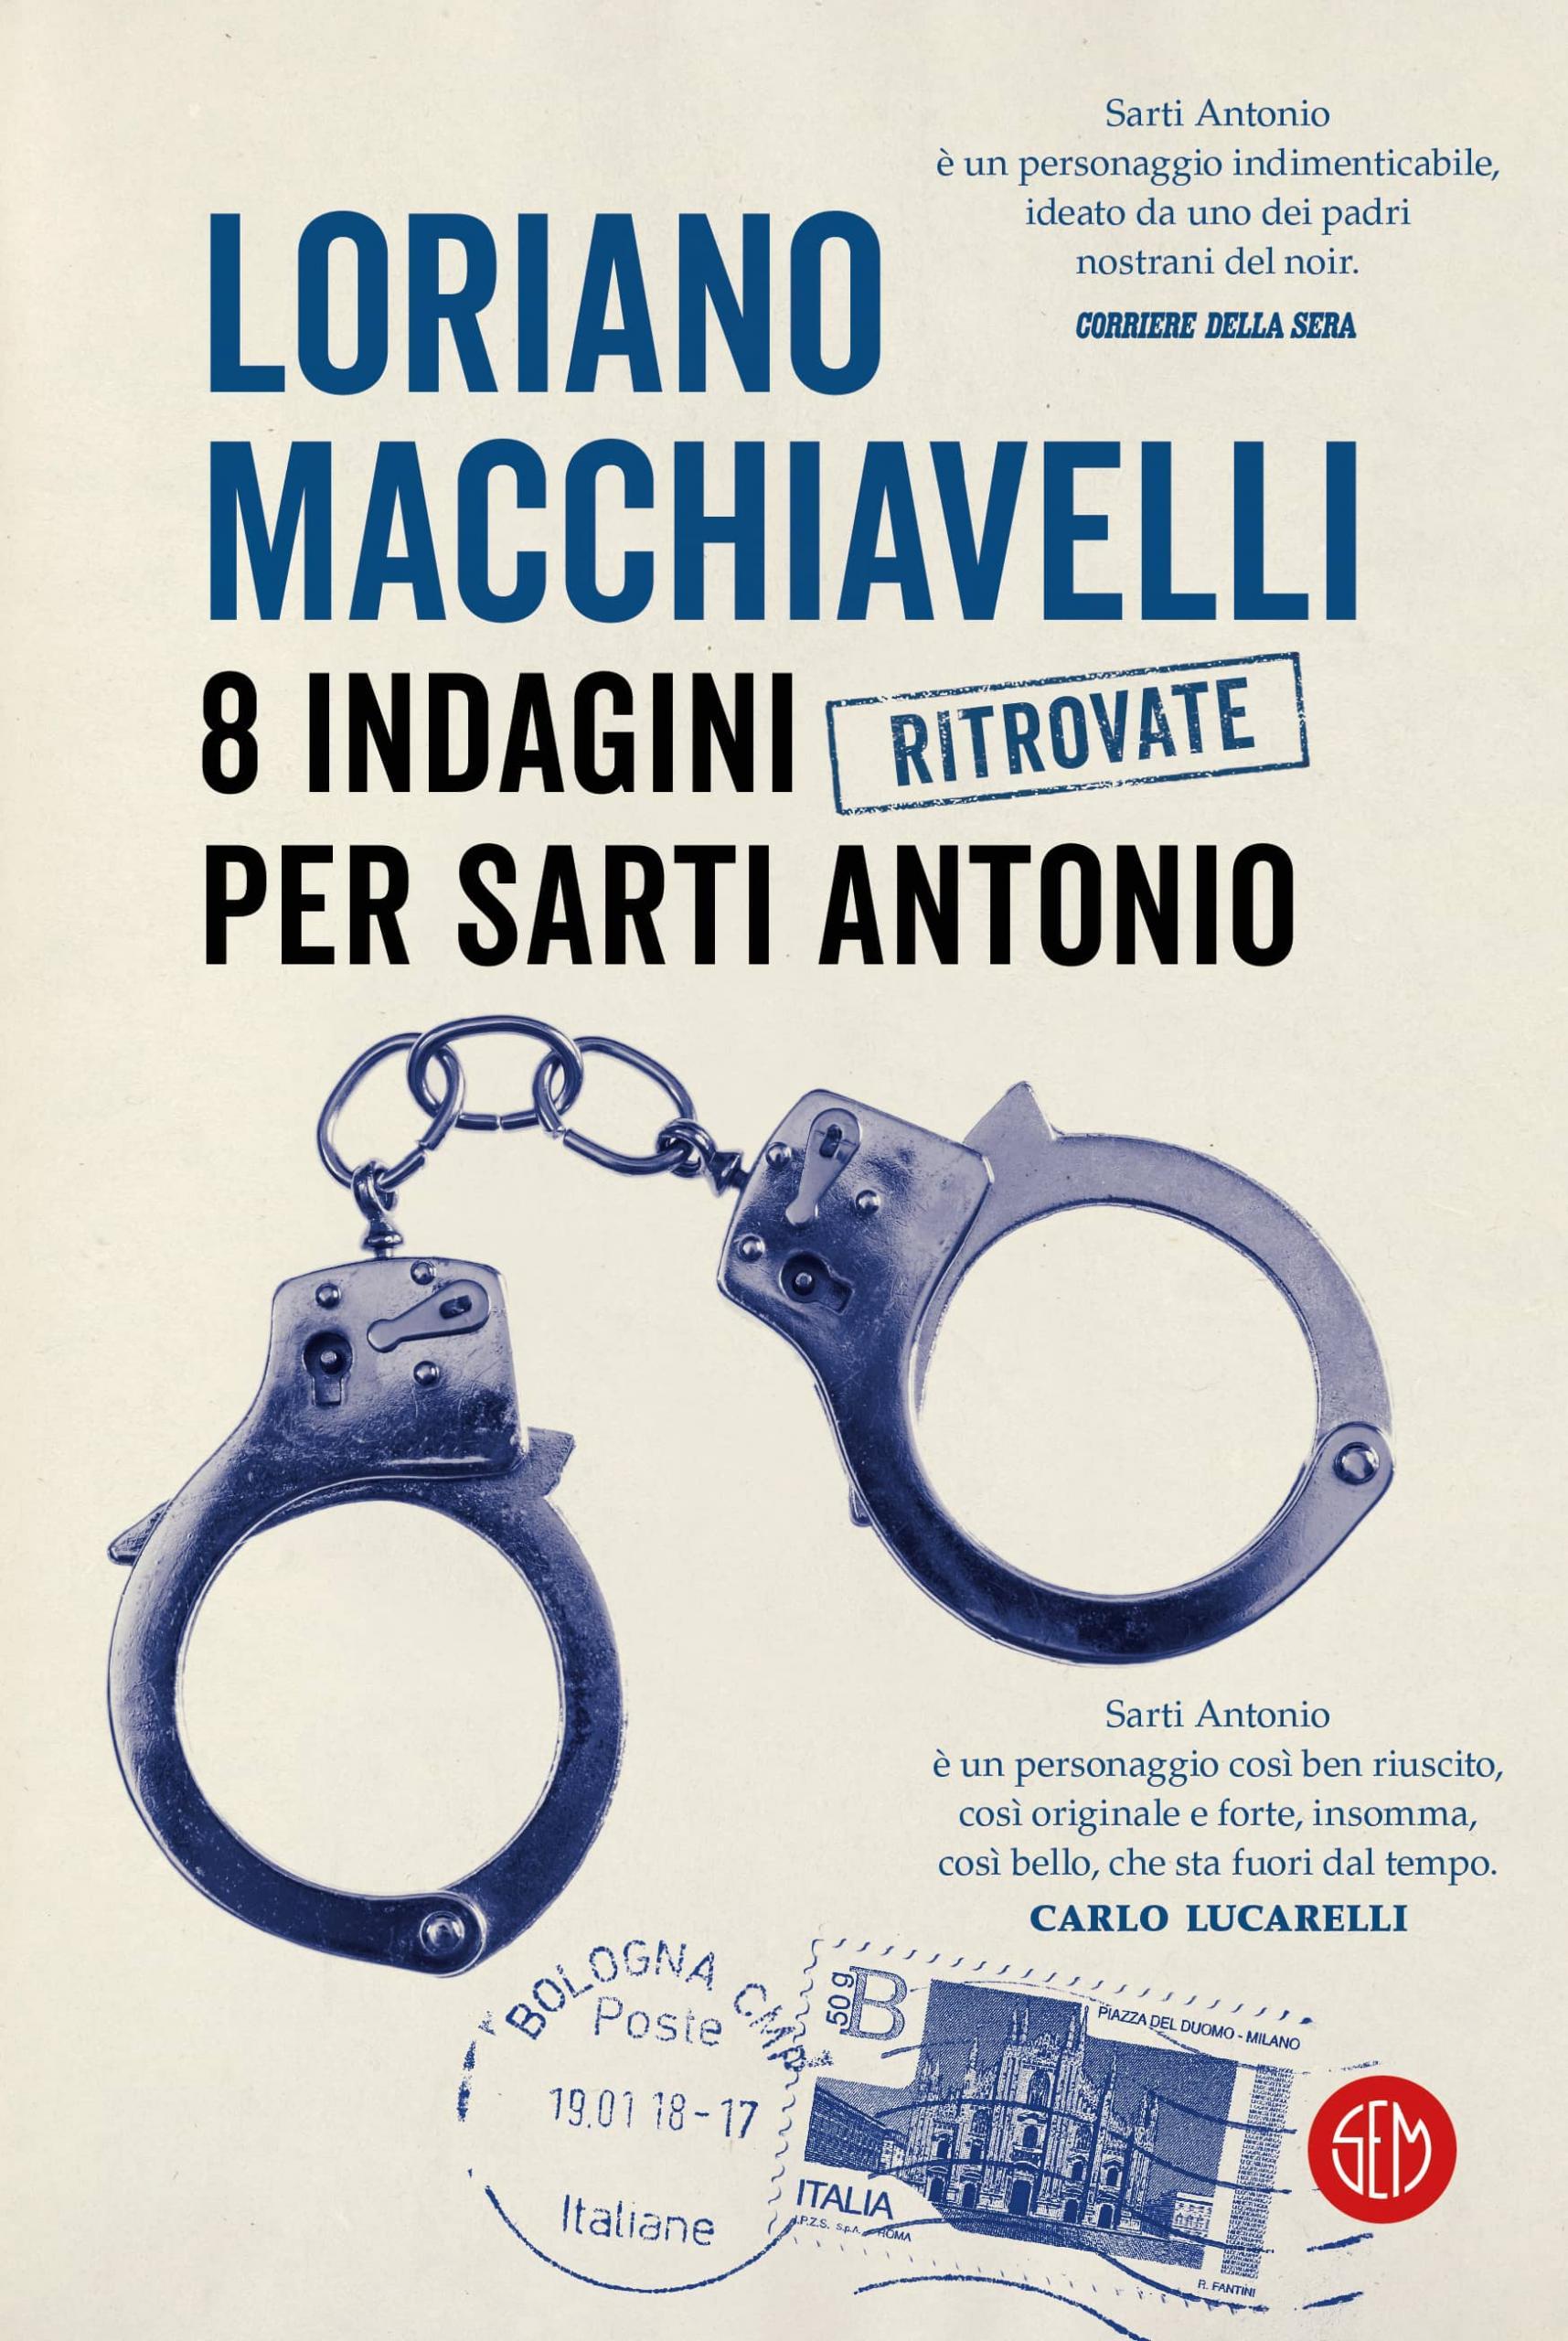 Copertina del libro 8 indagini per Sarti Antonio di Loriano Macchiavelli